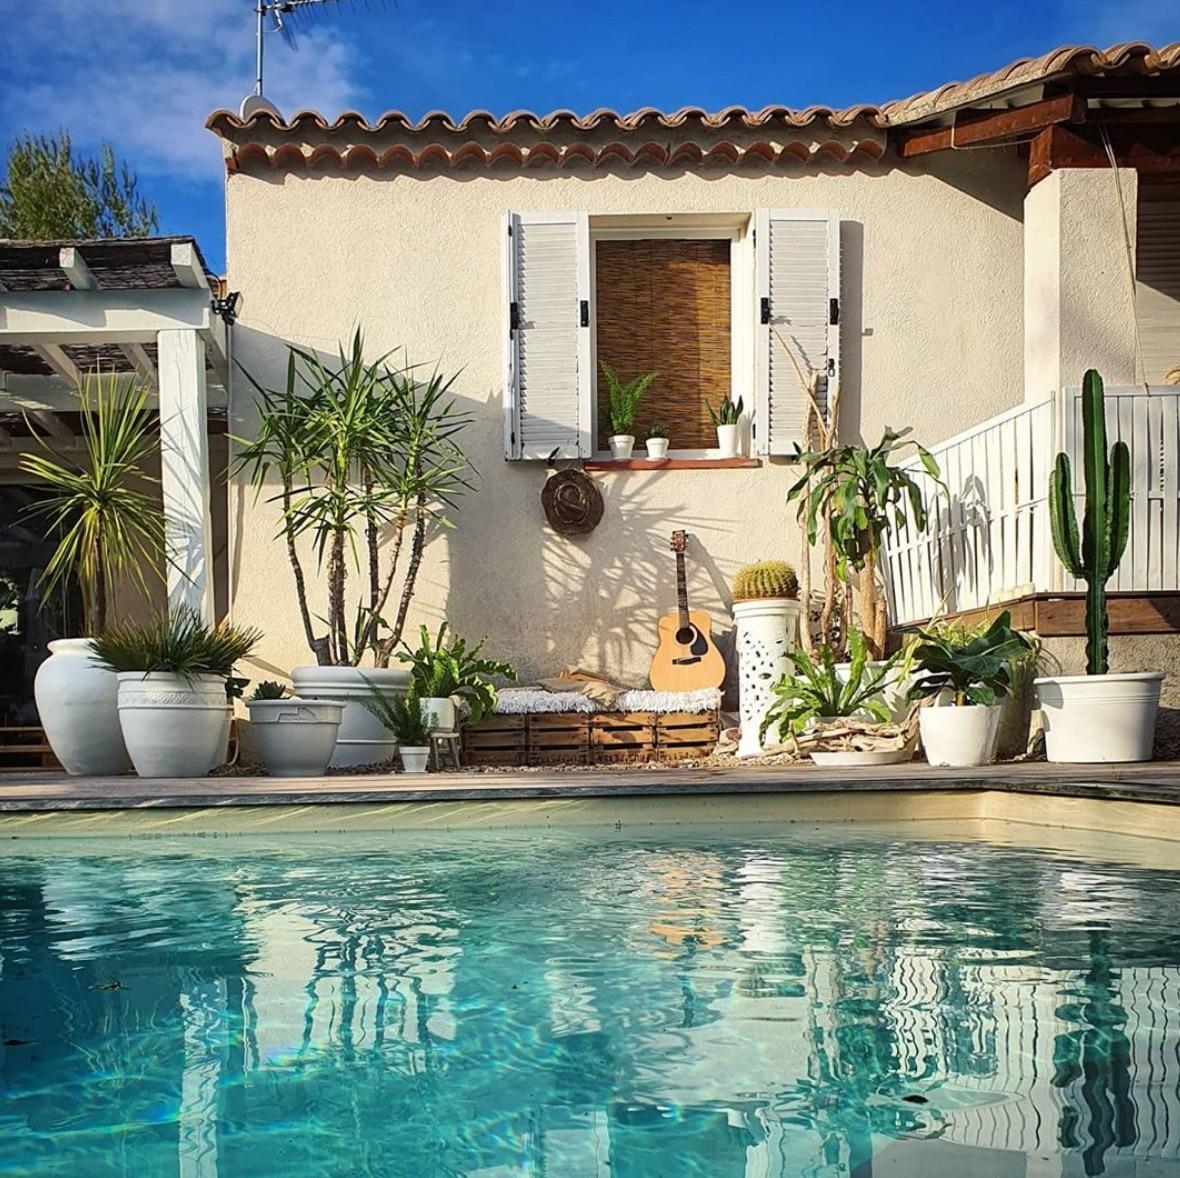 Desert inspired pool landscaping